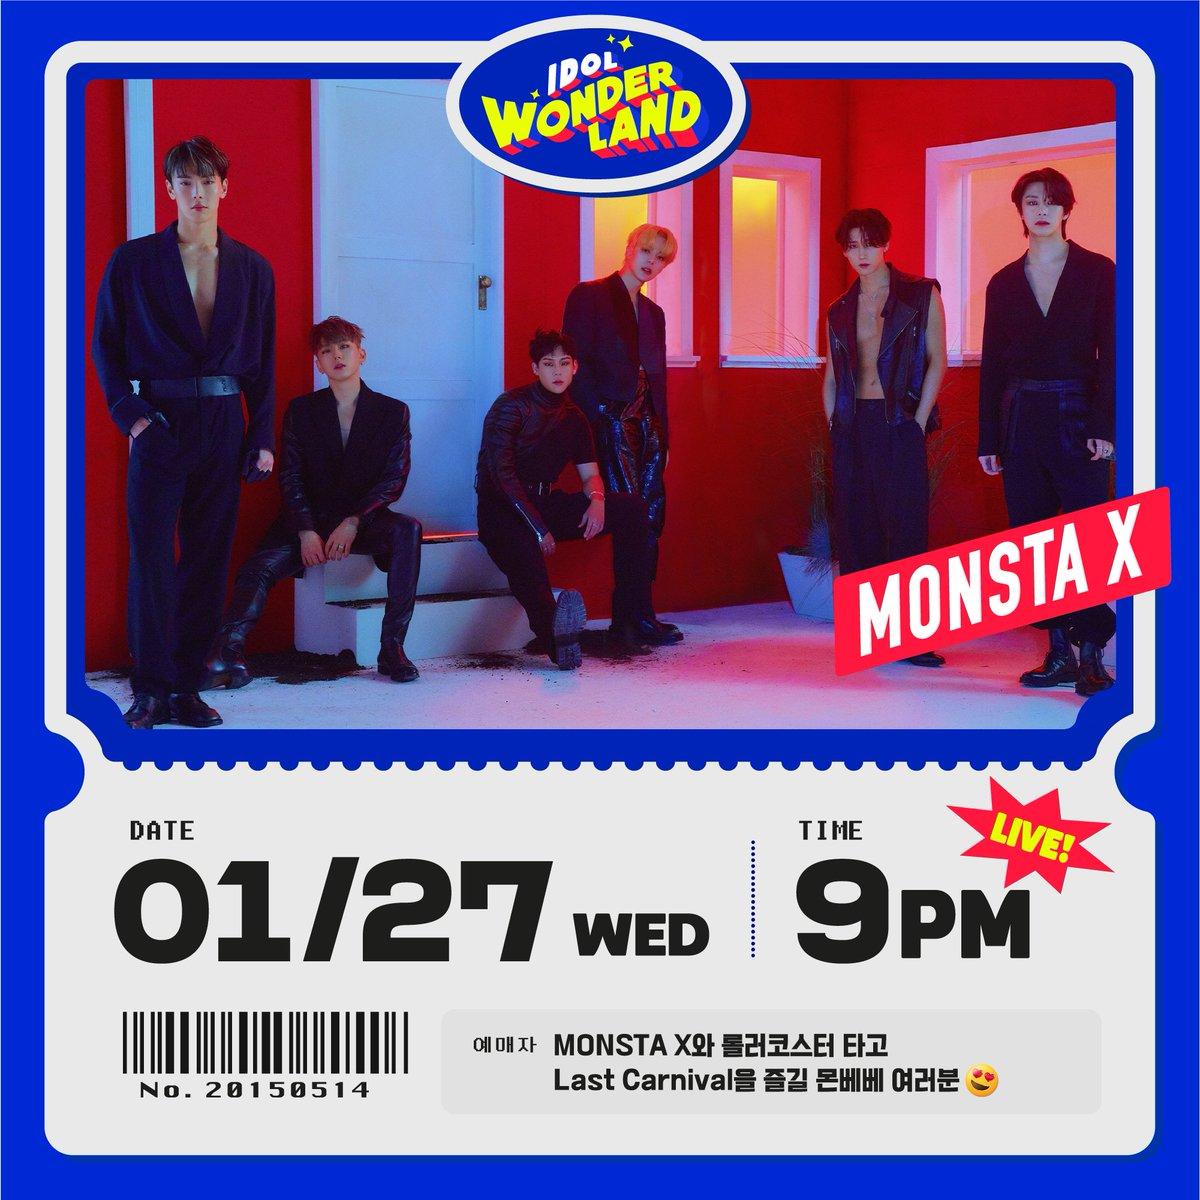 📢 210127 #몬스타엑스 #Seezn #아이돌원더랜드  잠시 후, 오후 9시! 'Seezn(시즌) APP'을 통해 함께해요 🥰  #MONSTAX #MONSTA_X #IDOL_WONDERLAND  ▶️